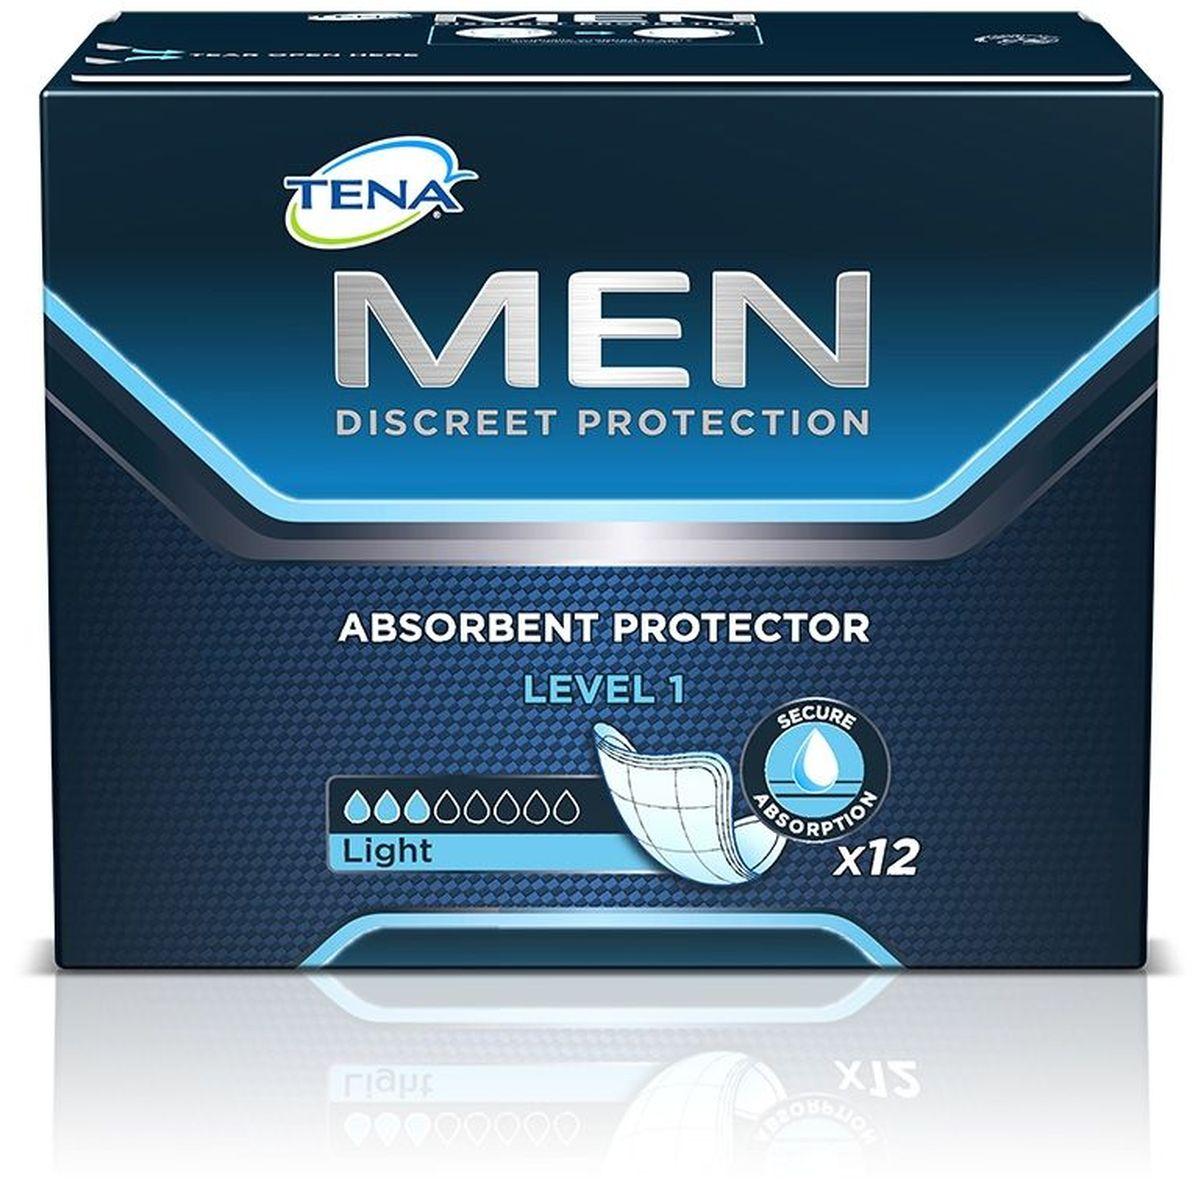 Tena Прокладки урологические для мужчин Men 1 12 шт